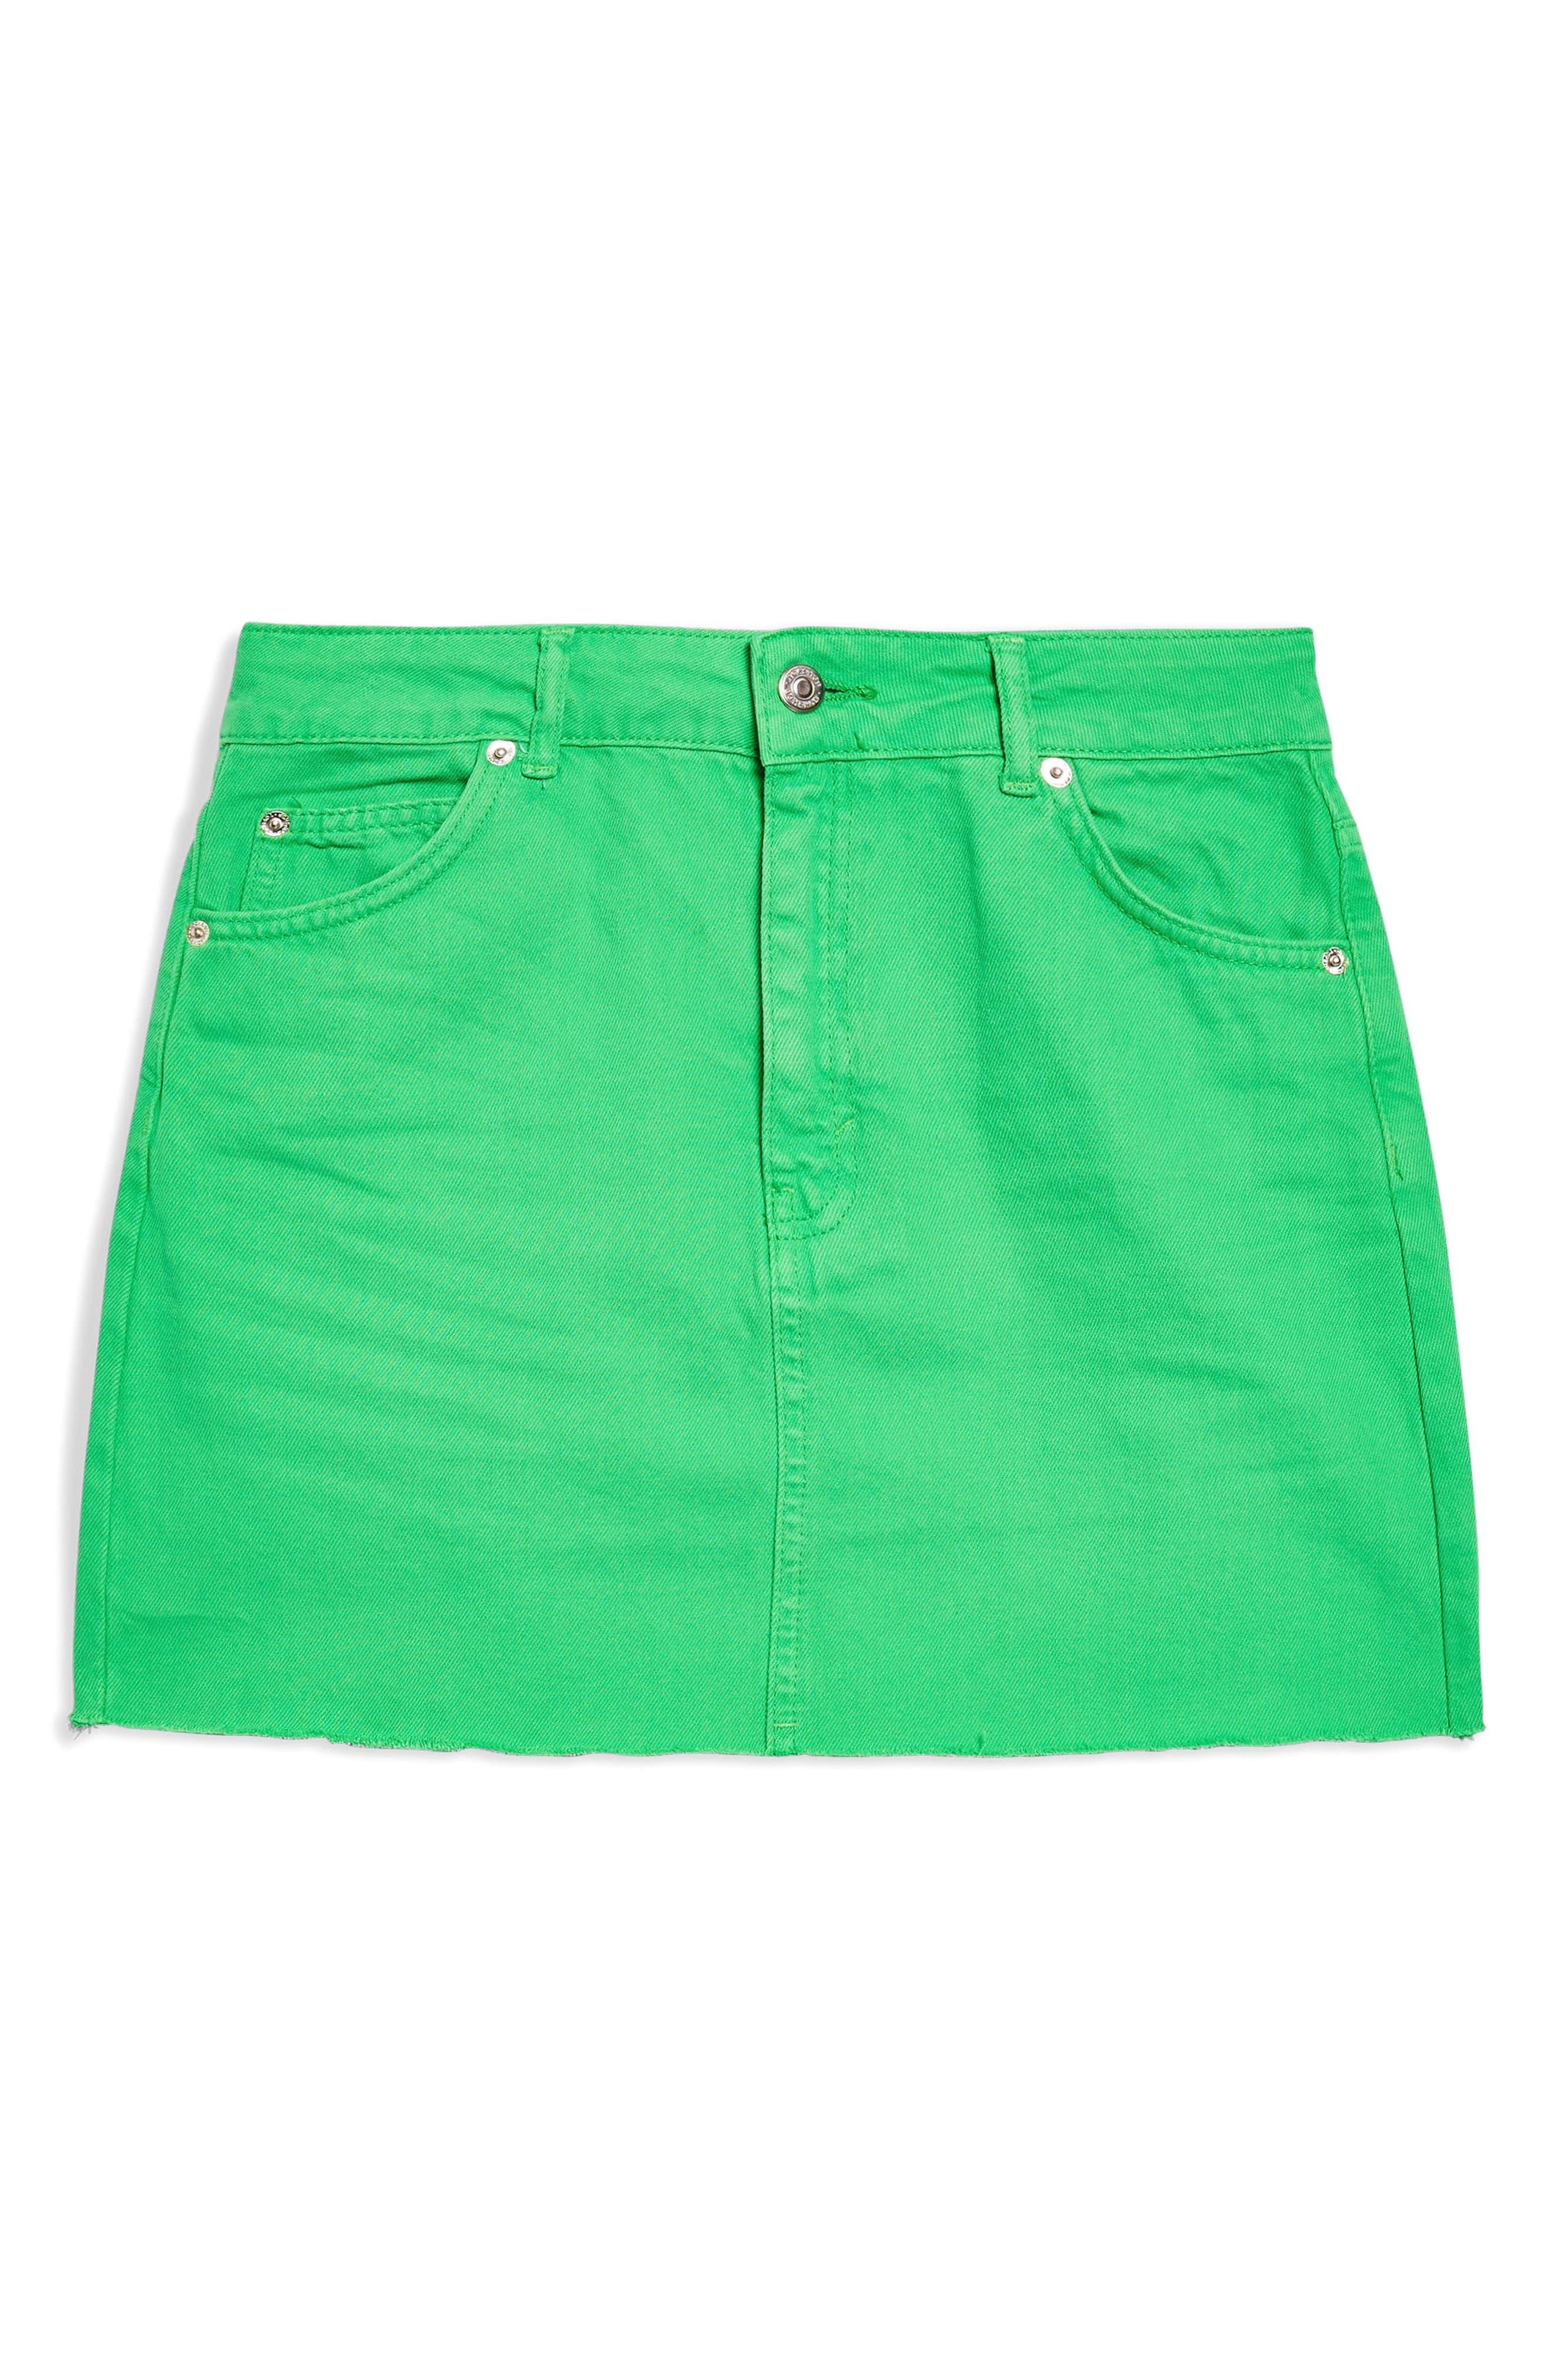 MOTO High Waist Denim Skirt,                             Alternate thumbnail 3, color,                             320